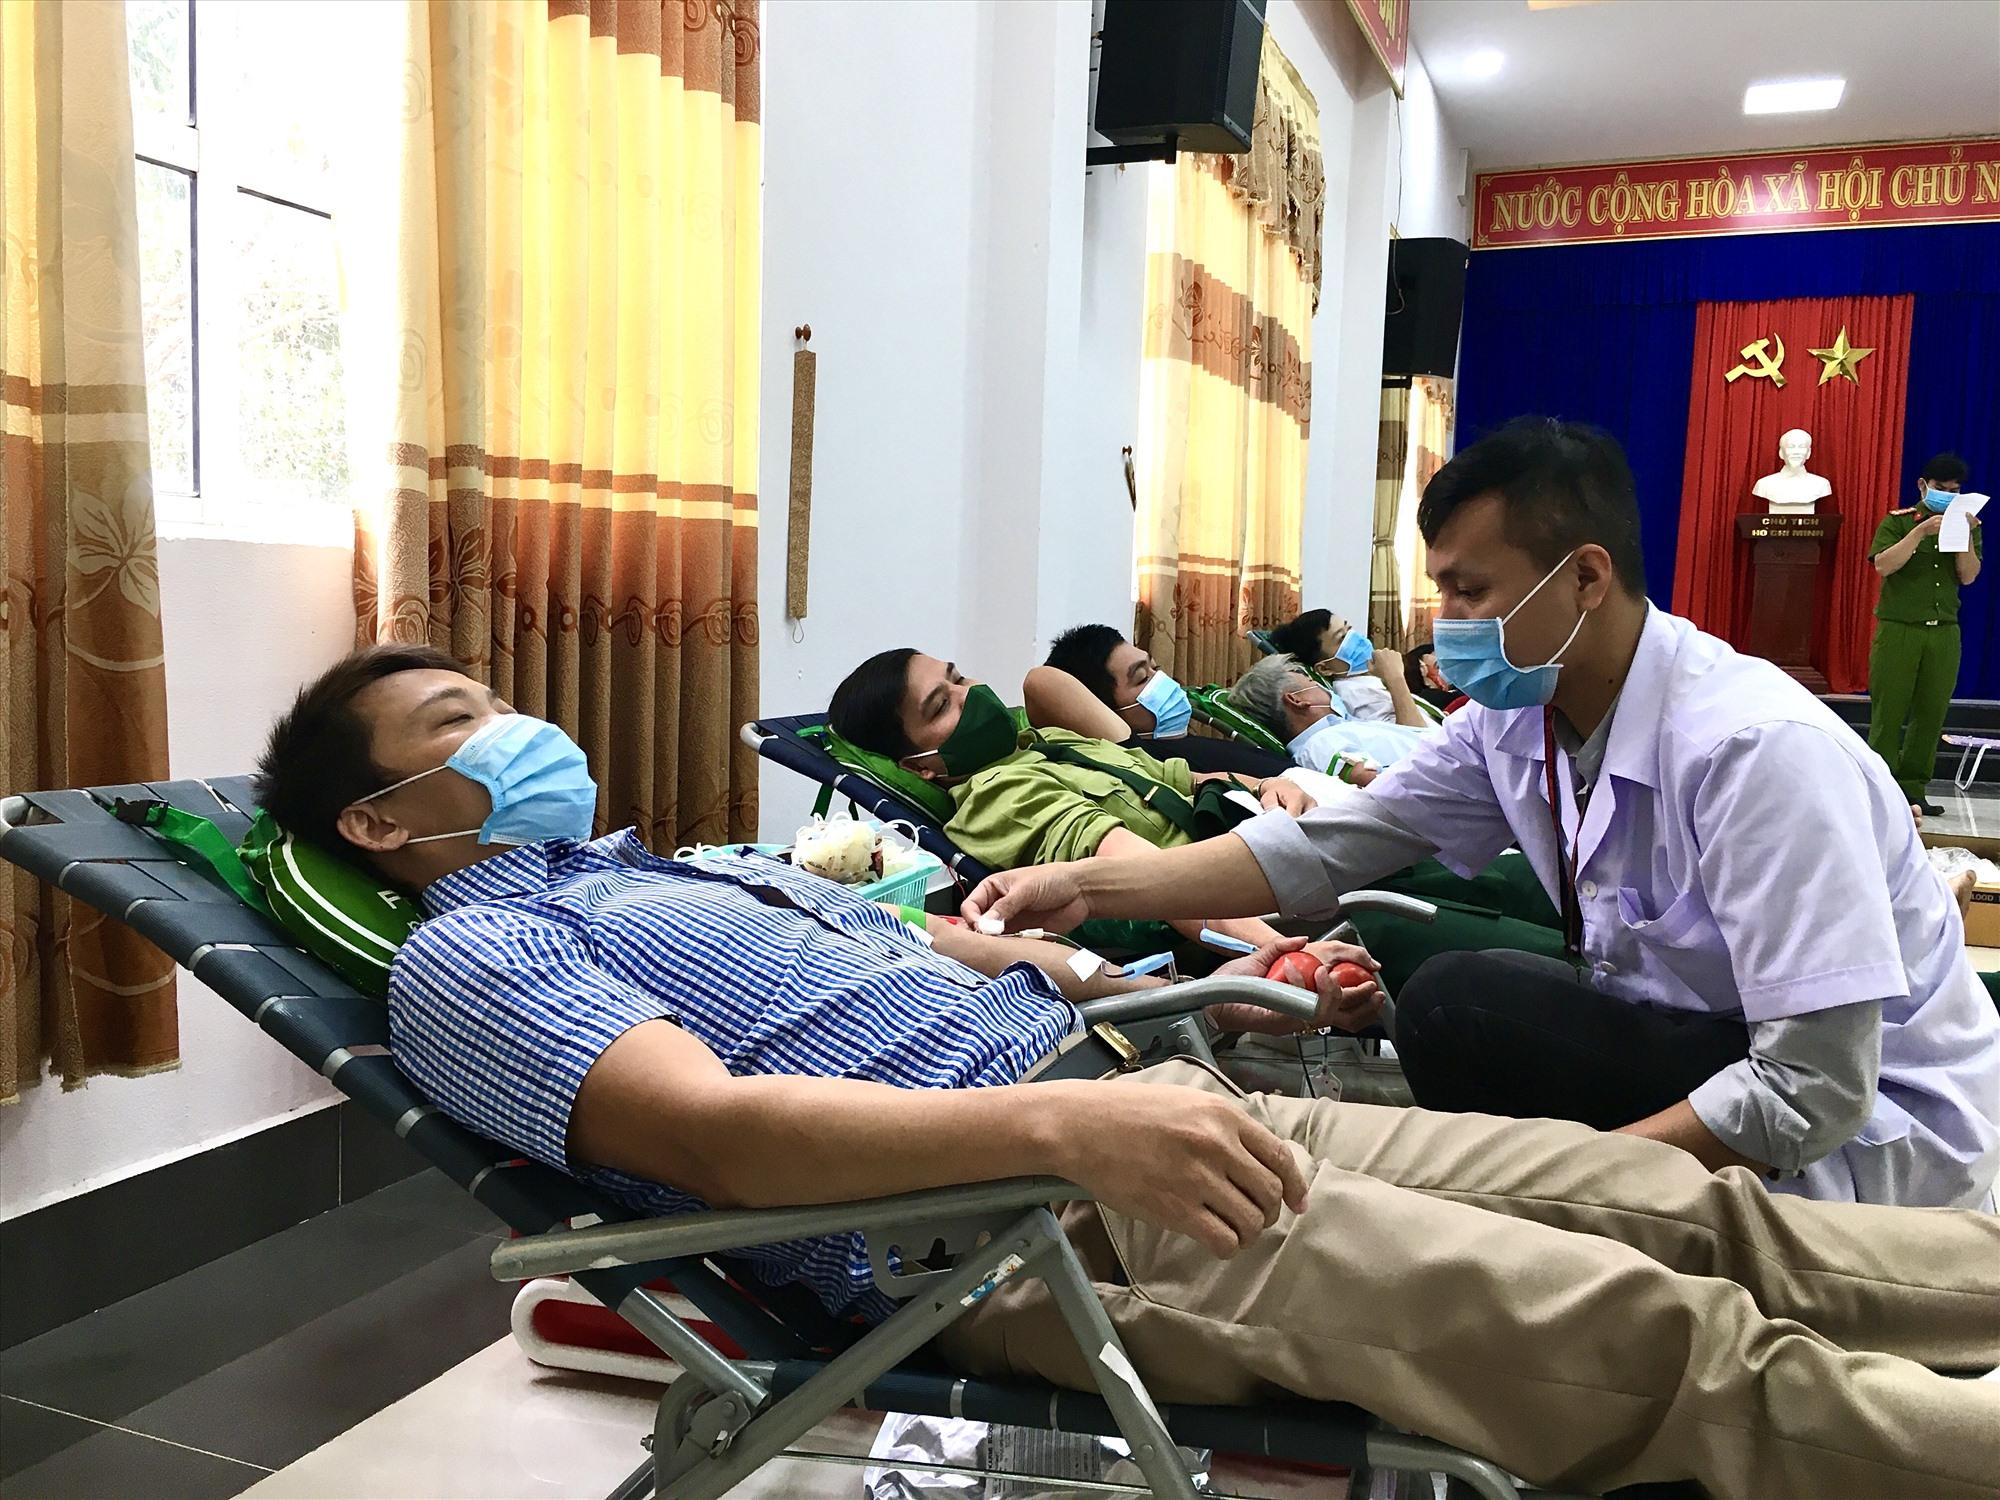 Tại ngày hội hiến máu tình nguyện huyện Nông Sơn, công tác phòng chống dịch bệnh Covid-19 được thực hiện nghiêm túc. Ảnh: TÂM LÊ